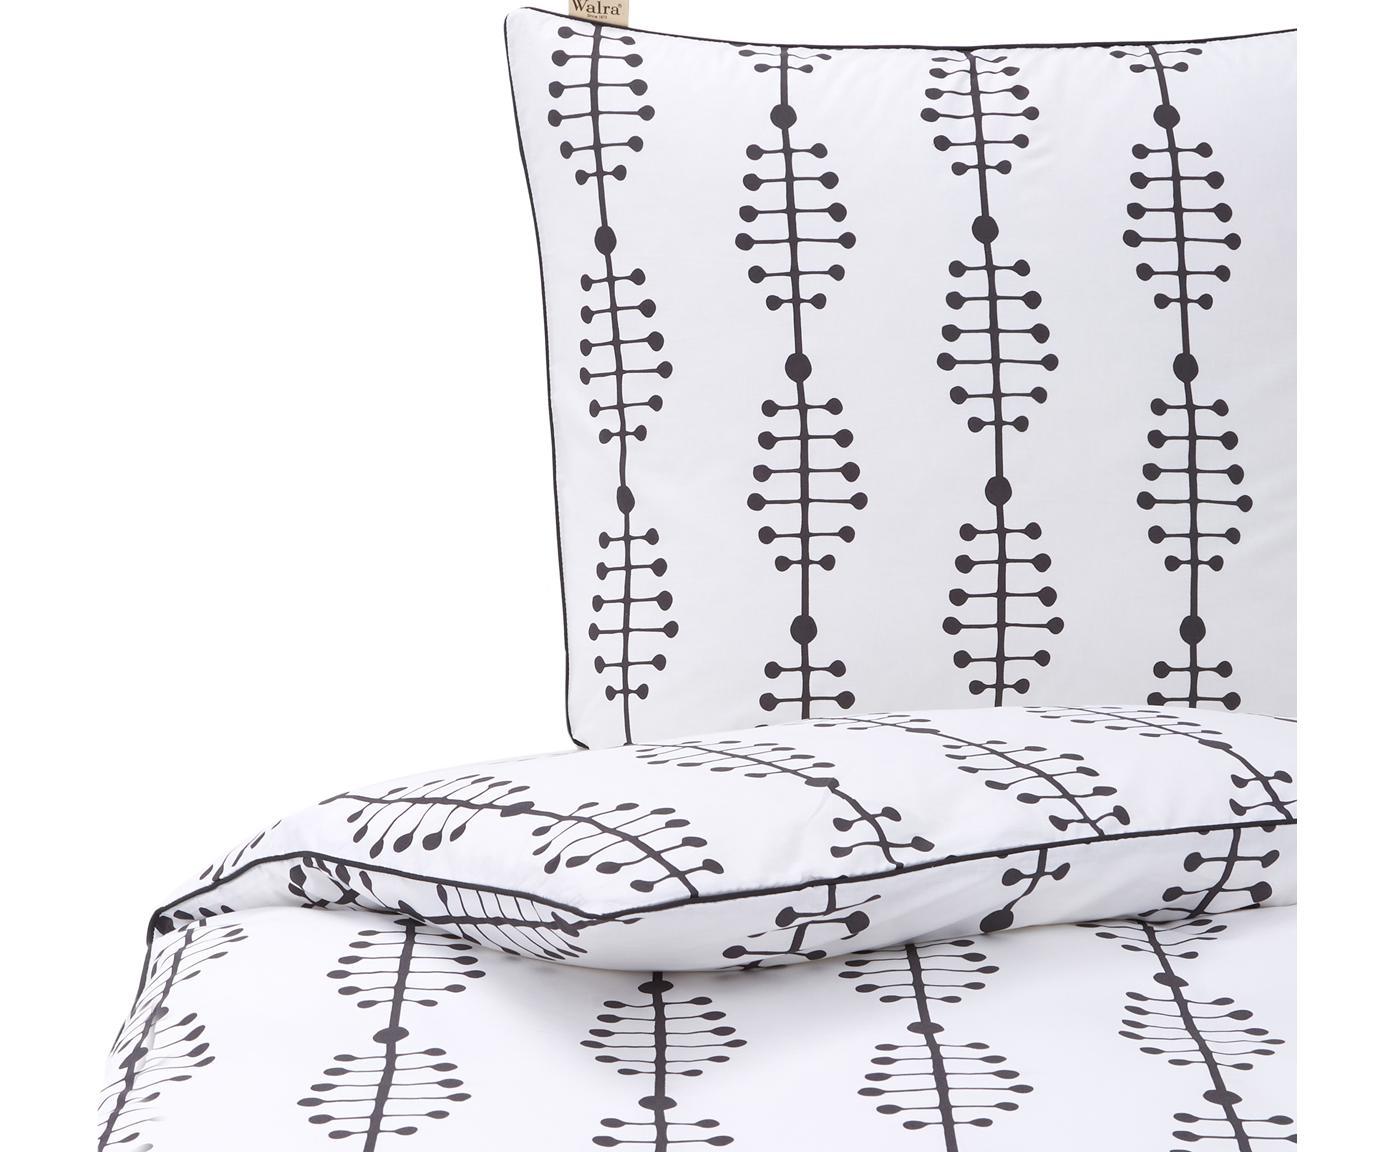 Baumwoll-Bettwäsche Lines and Dashes mit grafischem Muster, Webart: Renforcé Renforcé besteht, Weiss, Anthrazit, 135 x 200 cm + 1 Kissen 80 x 80 cm